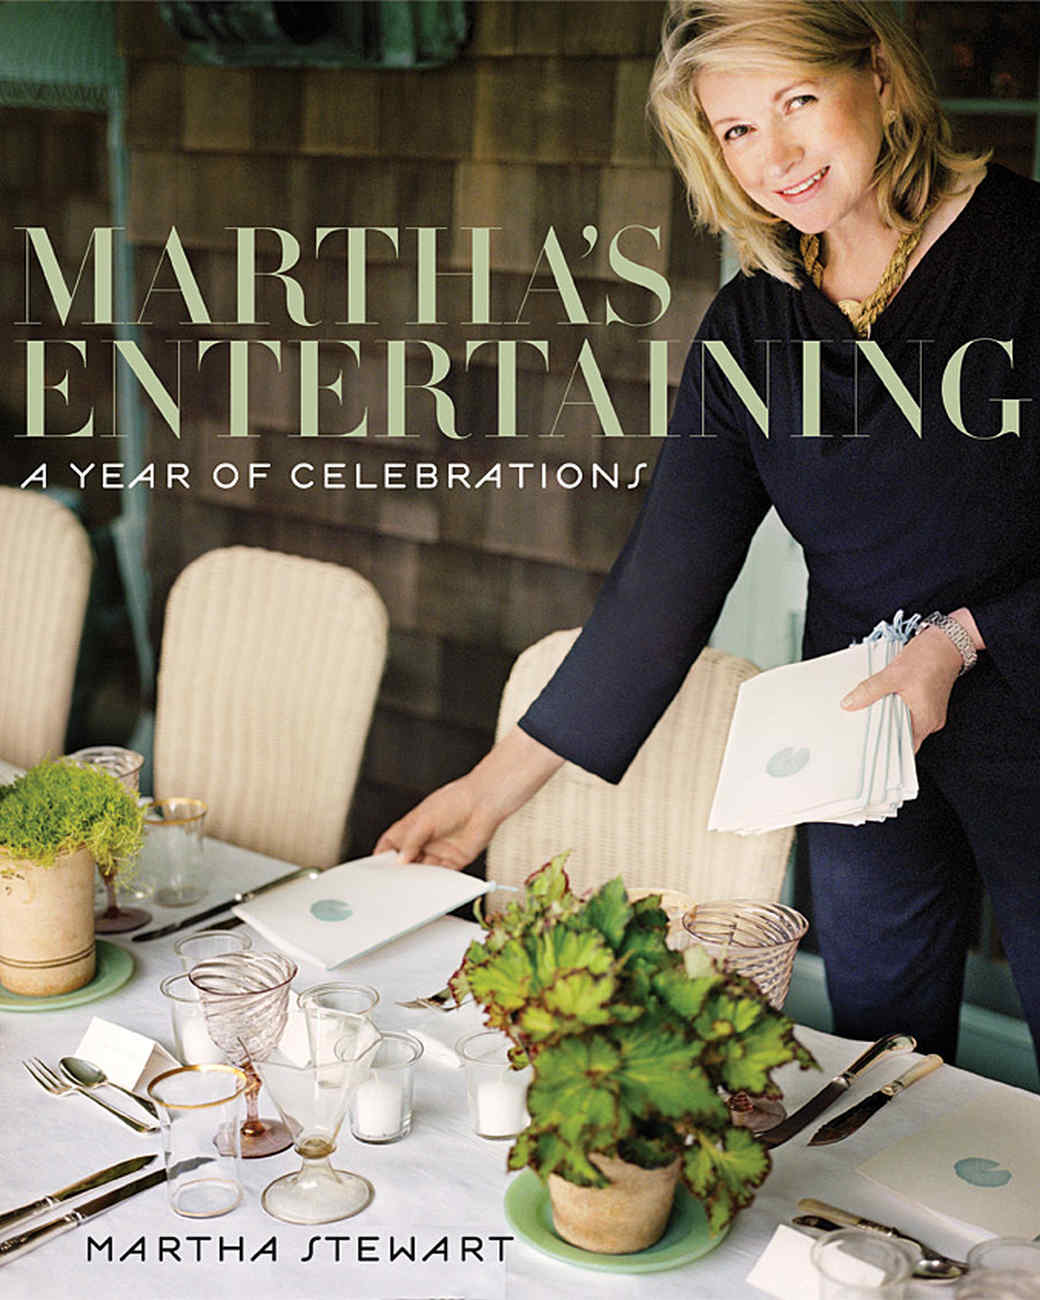 marthas-entertaining-book-cover.jpg